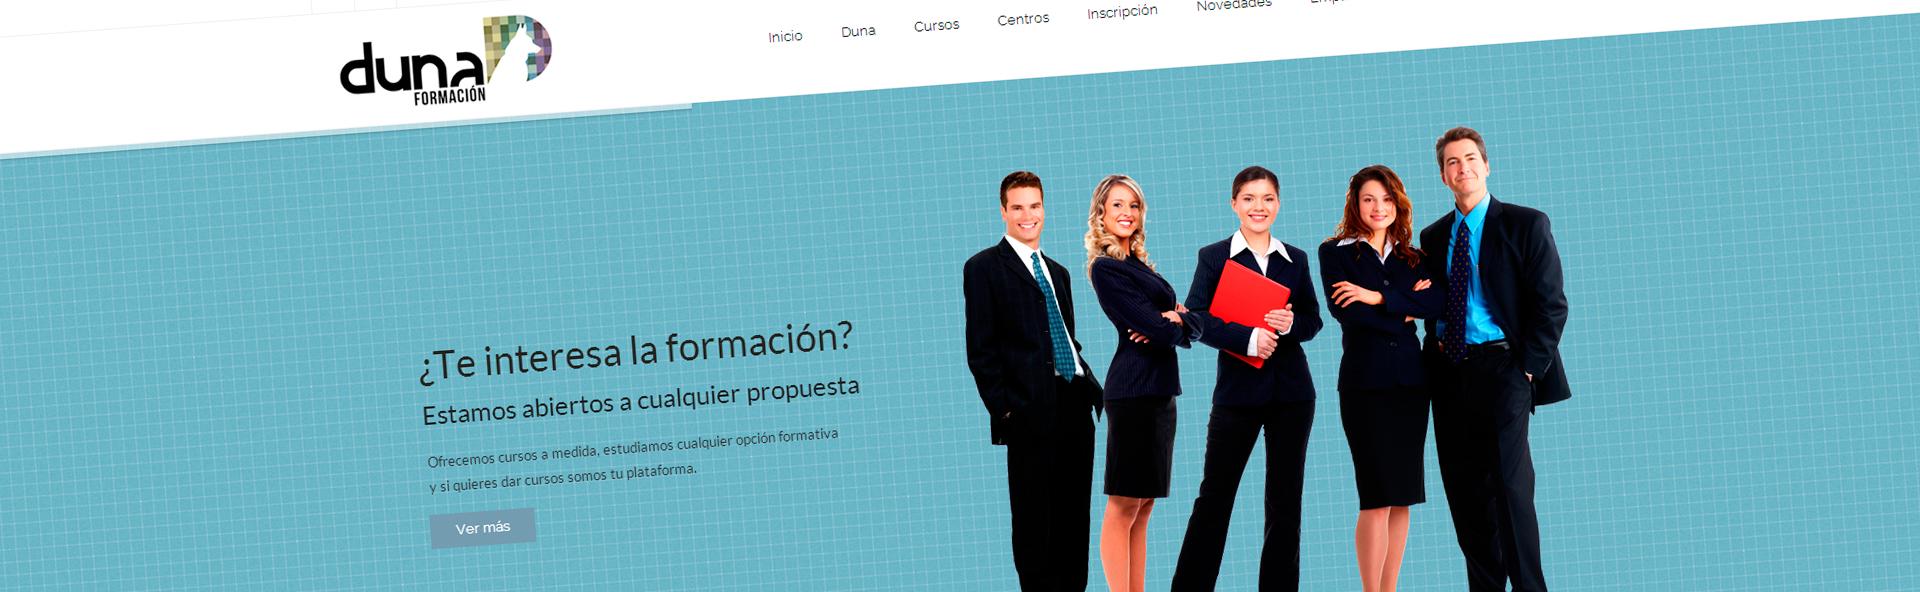 Detalle de diseño - captura de pantalla